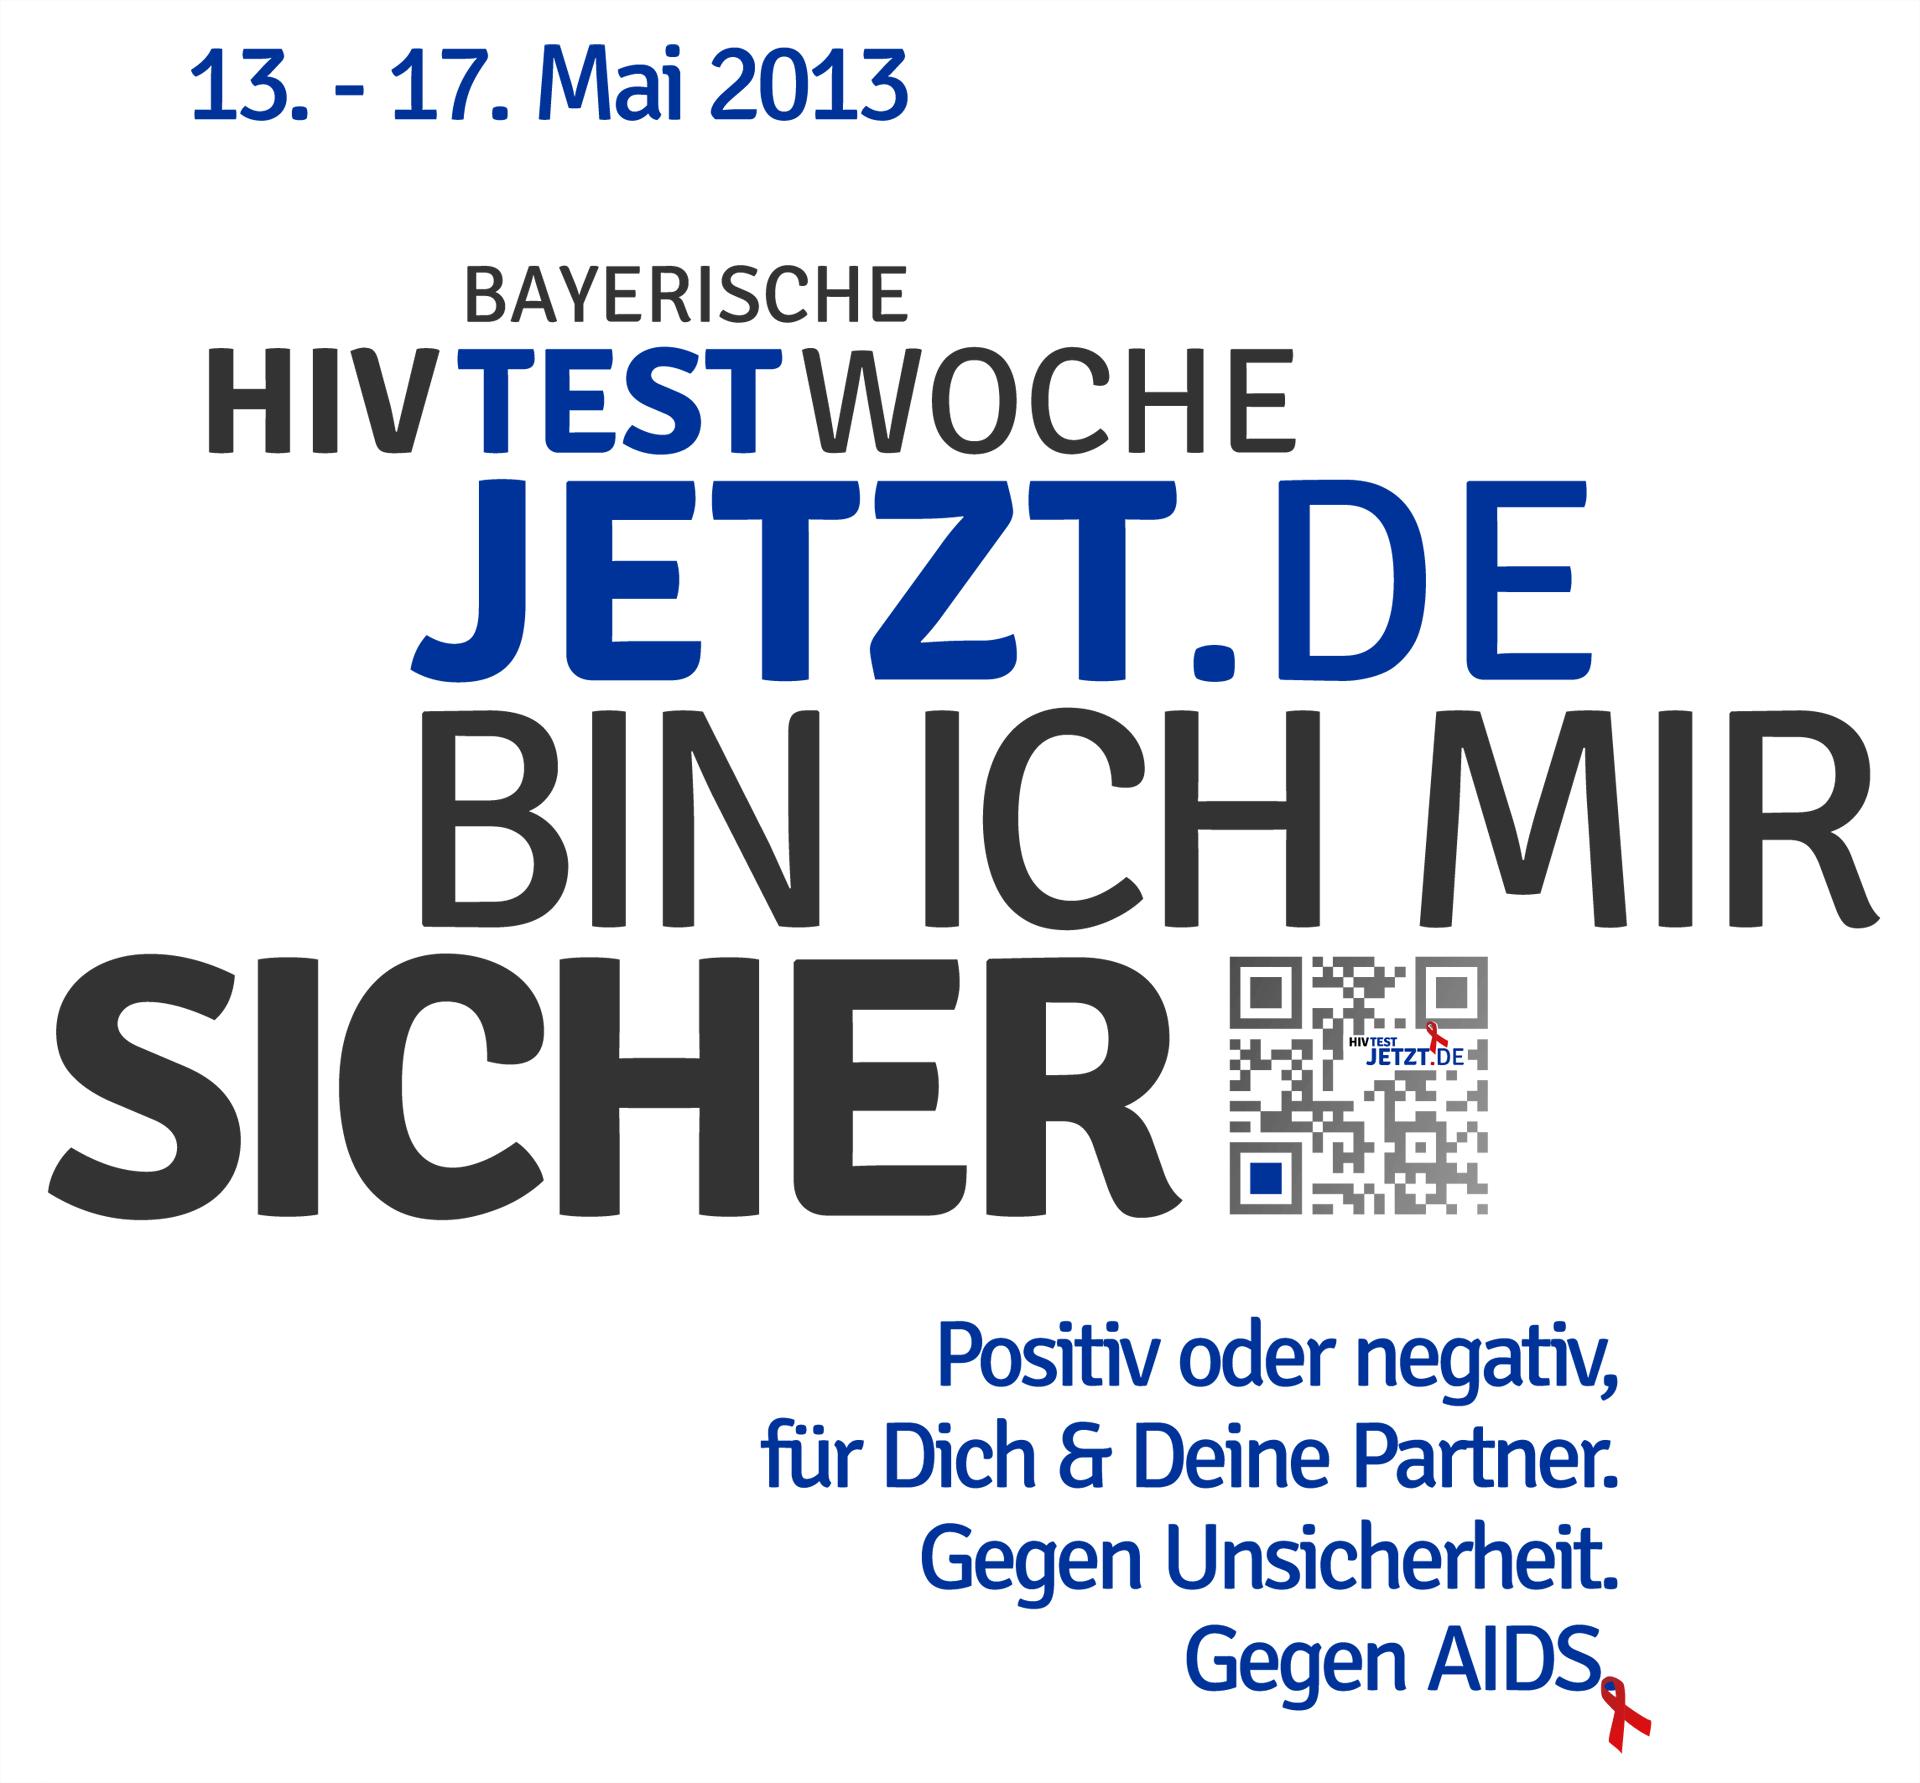 Bayerische-HIV-Testwoche-2013-1920px